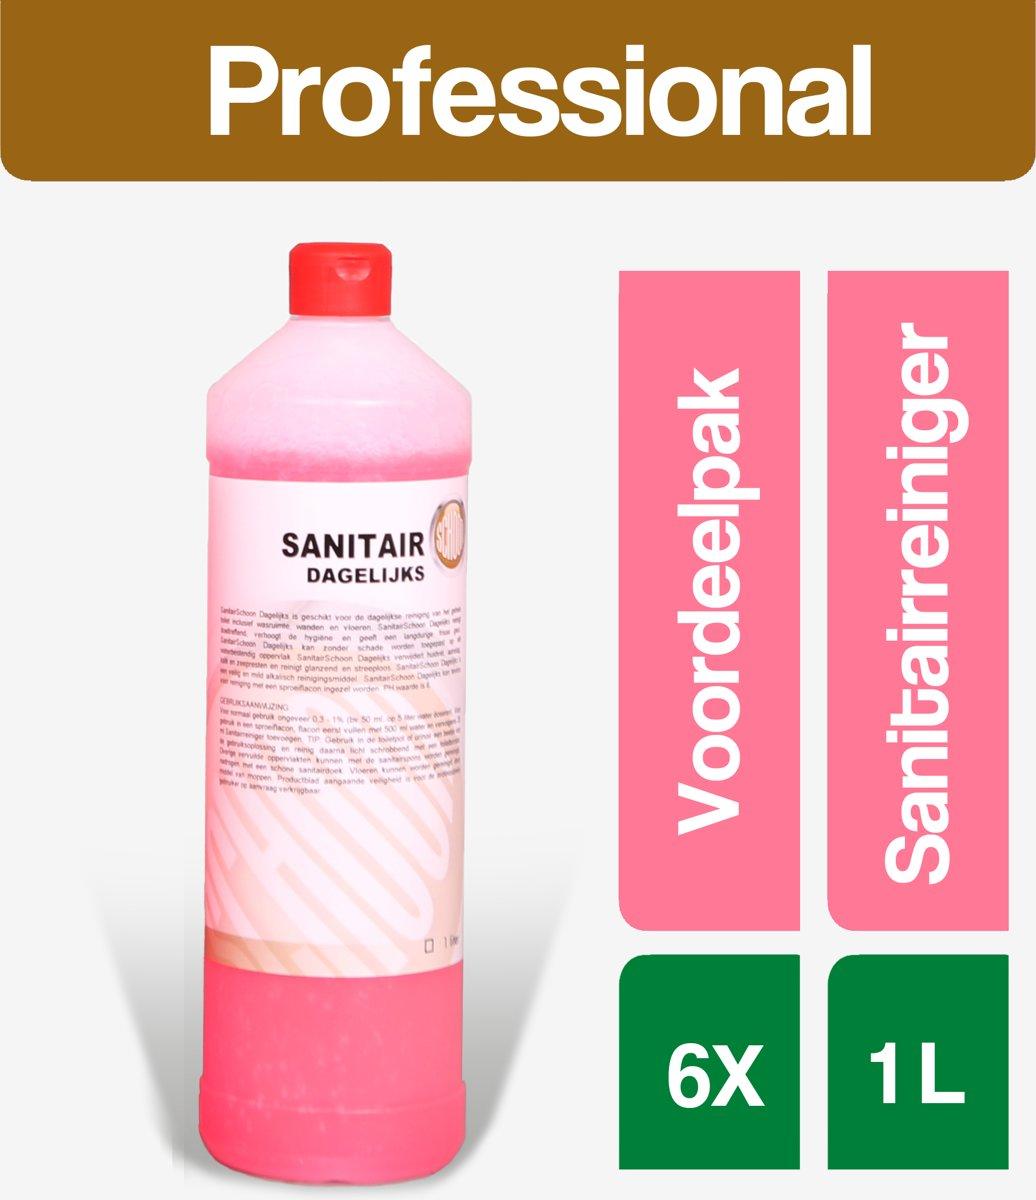 Sanitairreiniger SanitairSchoon (dagelijks) 6x1 Liter - Voordeelverpakking kopen